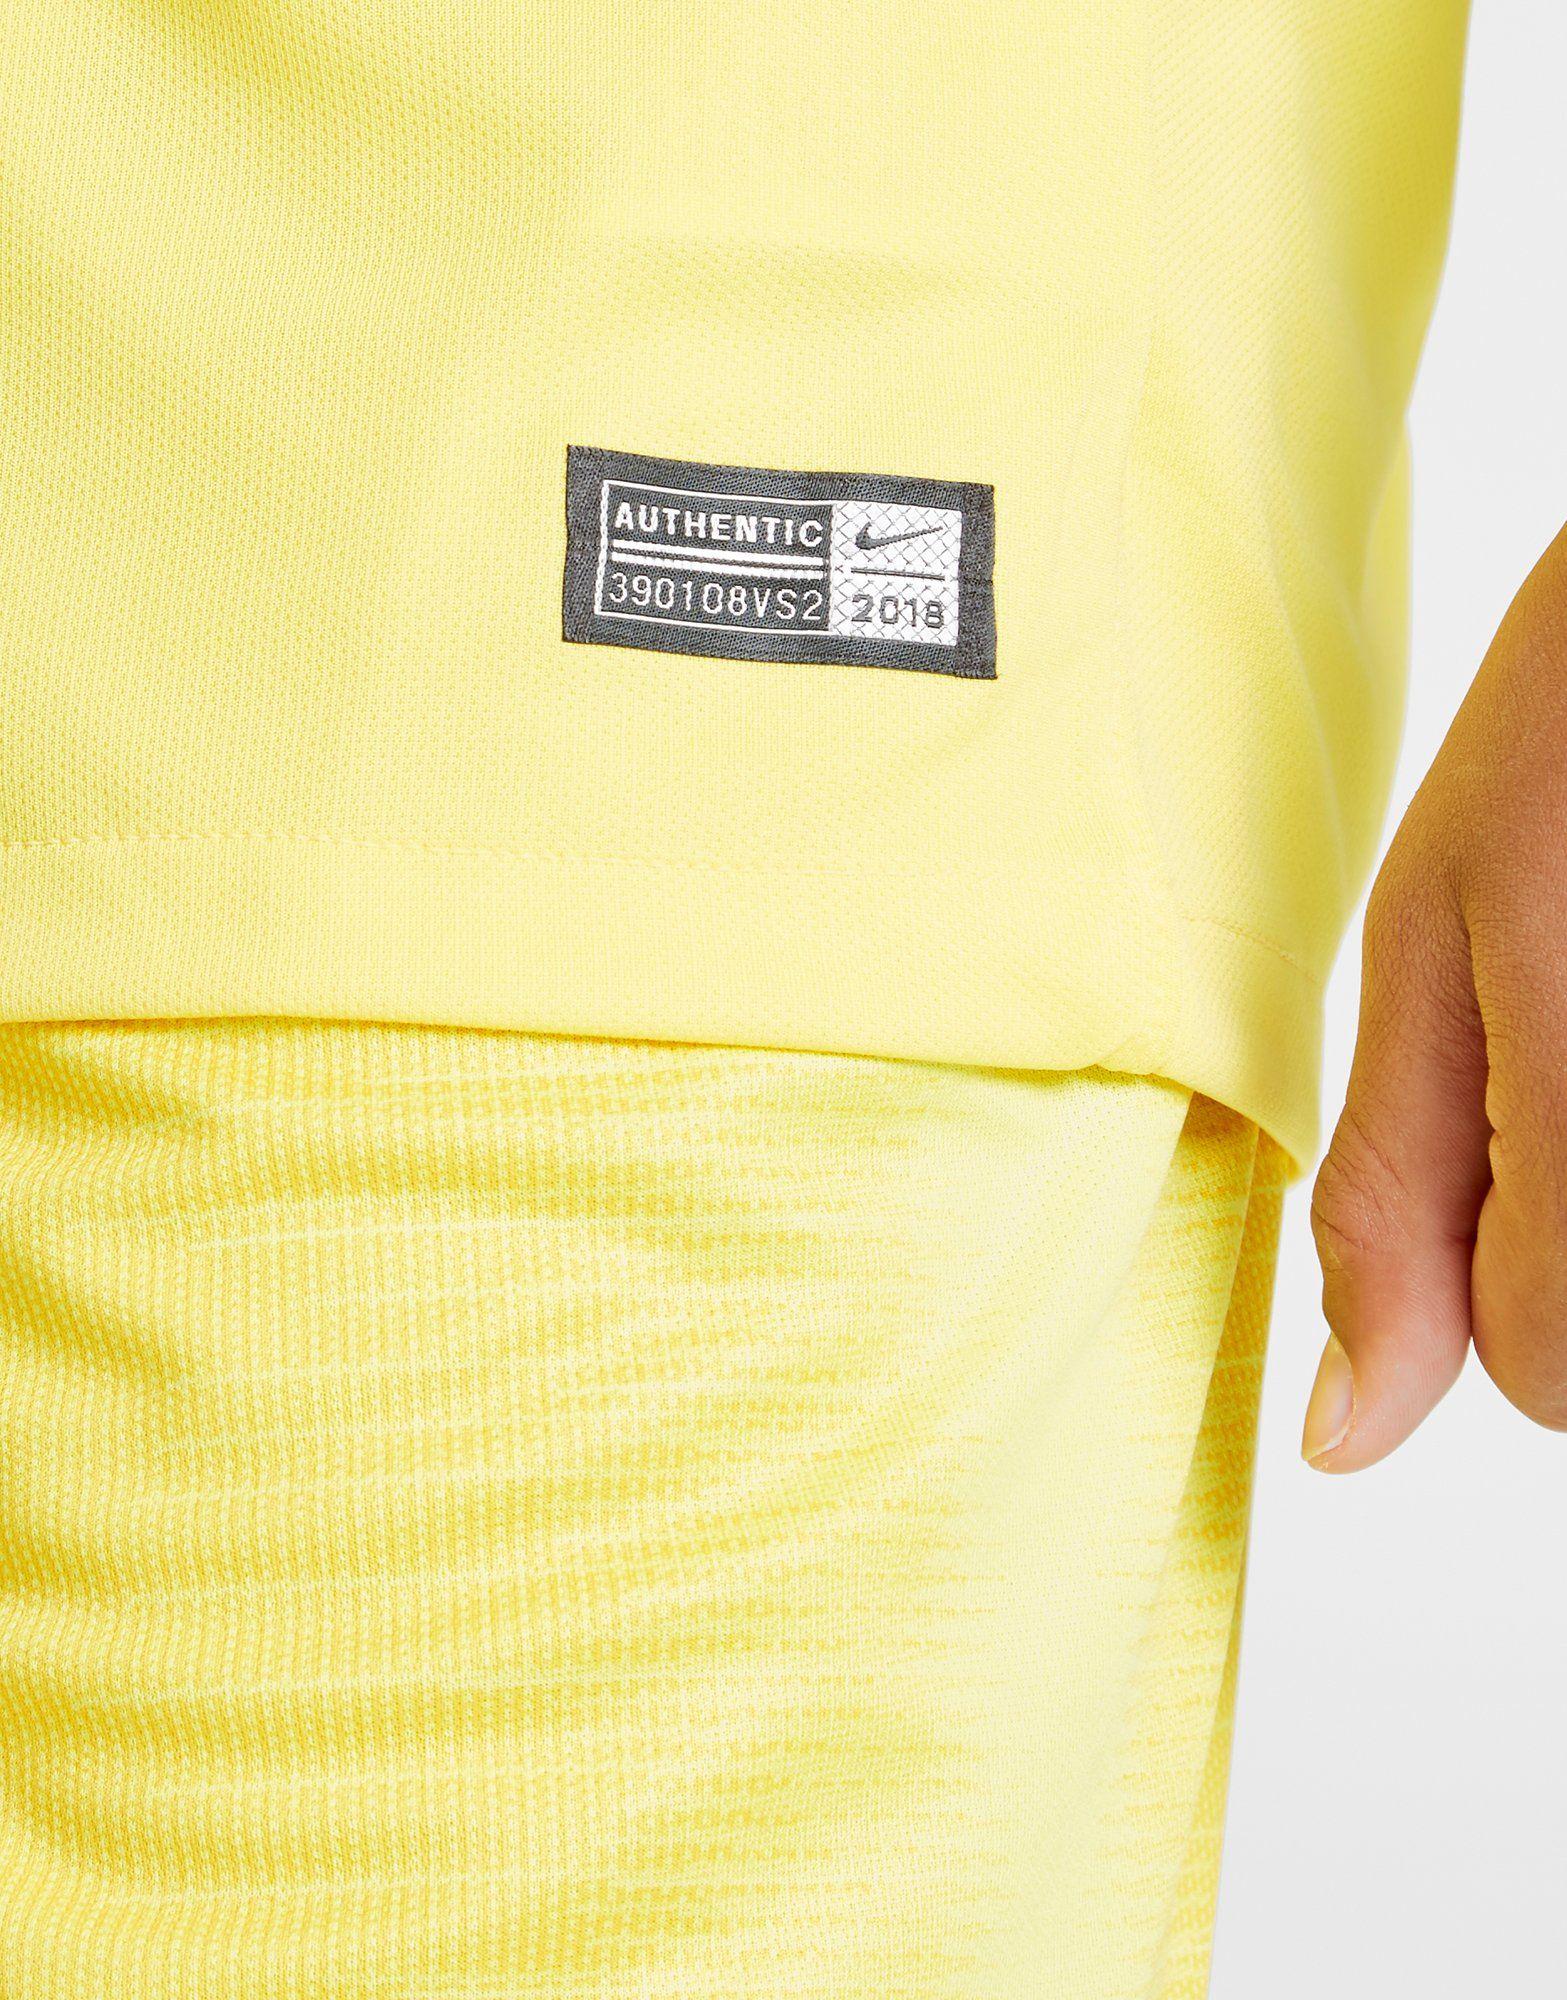 Nike camiseta 2.ª equipación Chelsea FC 2018/19 júnior